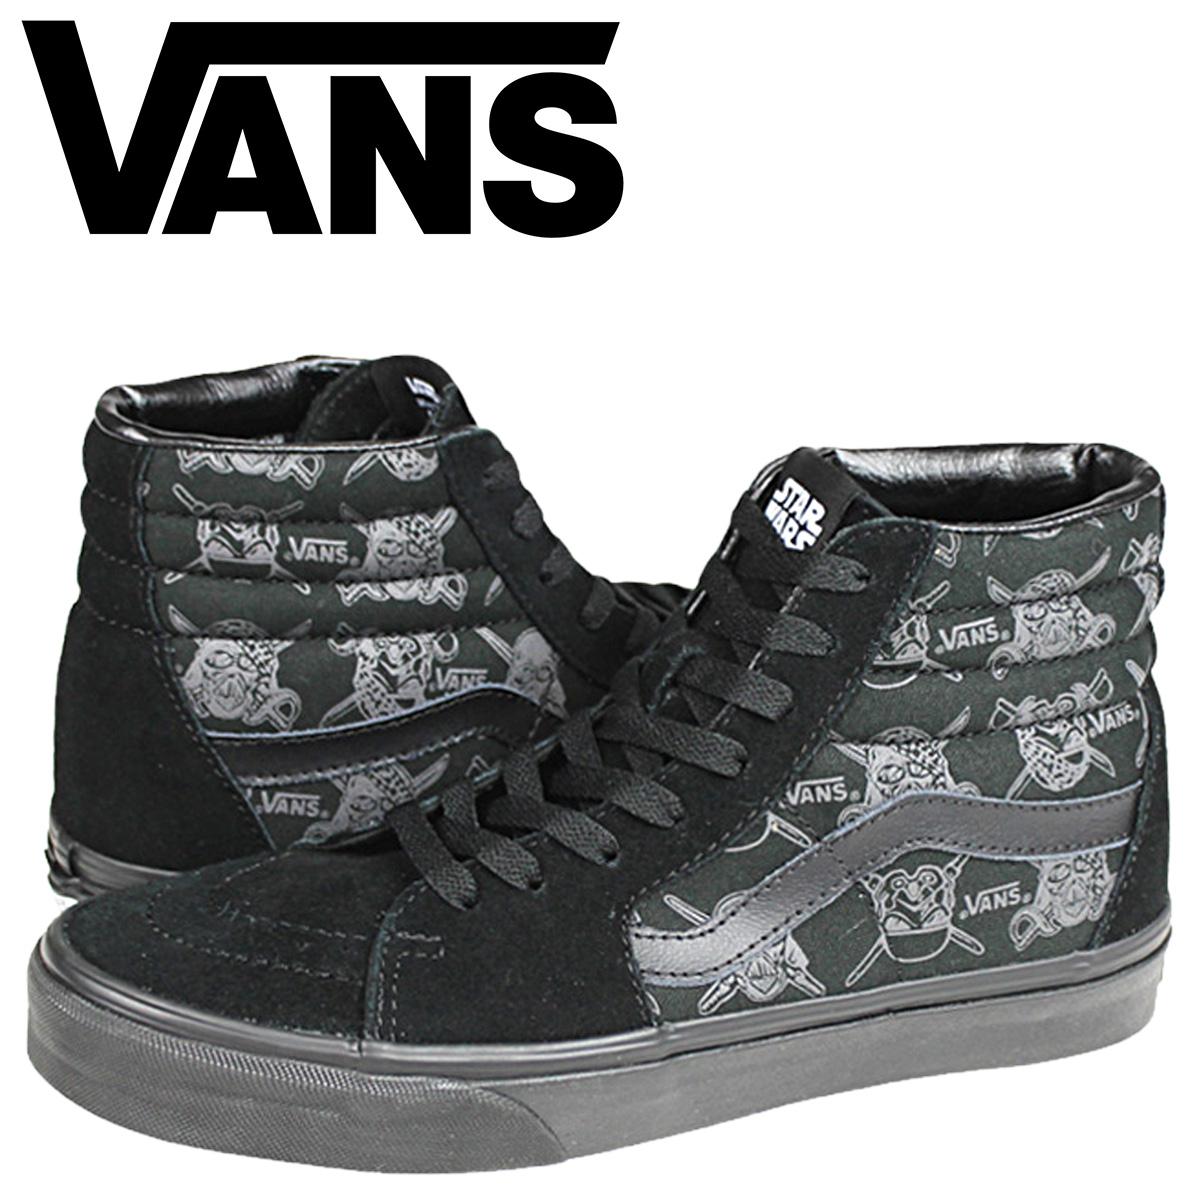 VANS vans Star Wars sneakers collaboration STARWARS SK8 HI VN 0TS9EX8 men's women's shoes black